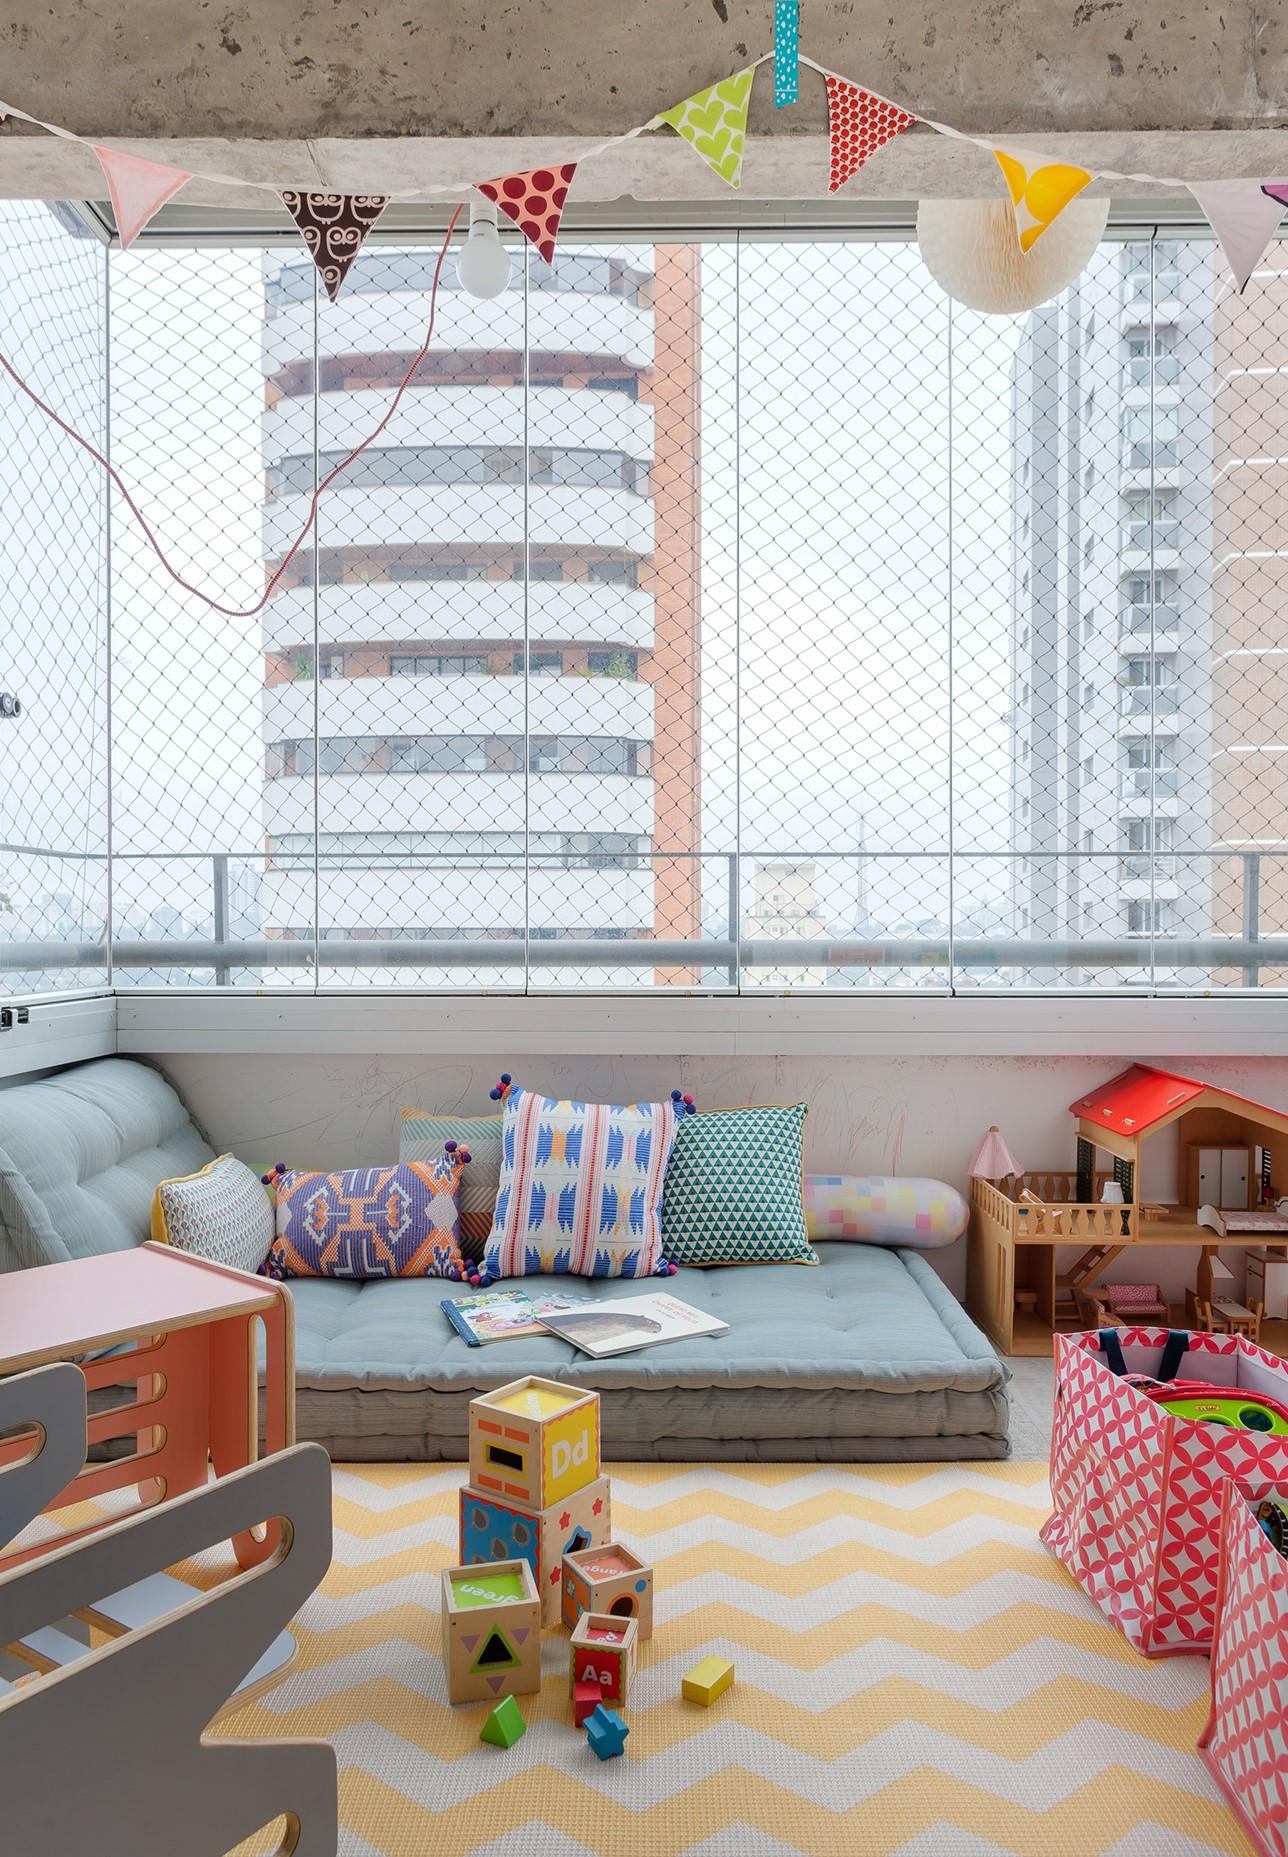 Área com espaço para as crianças com brinquedos e decoração infantil.